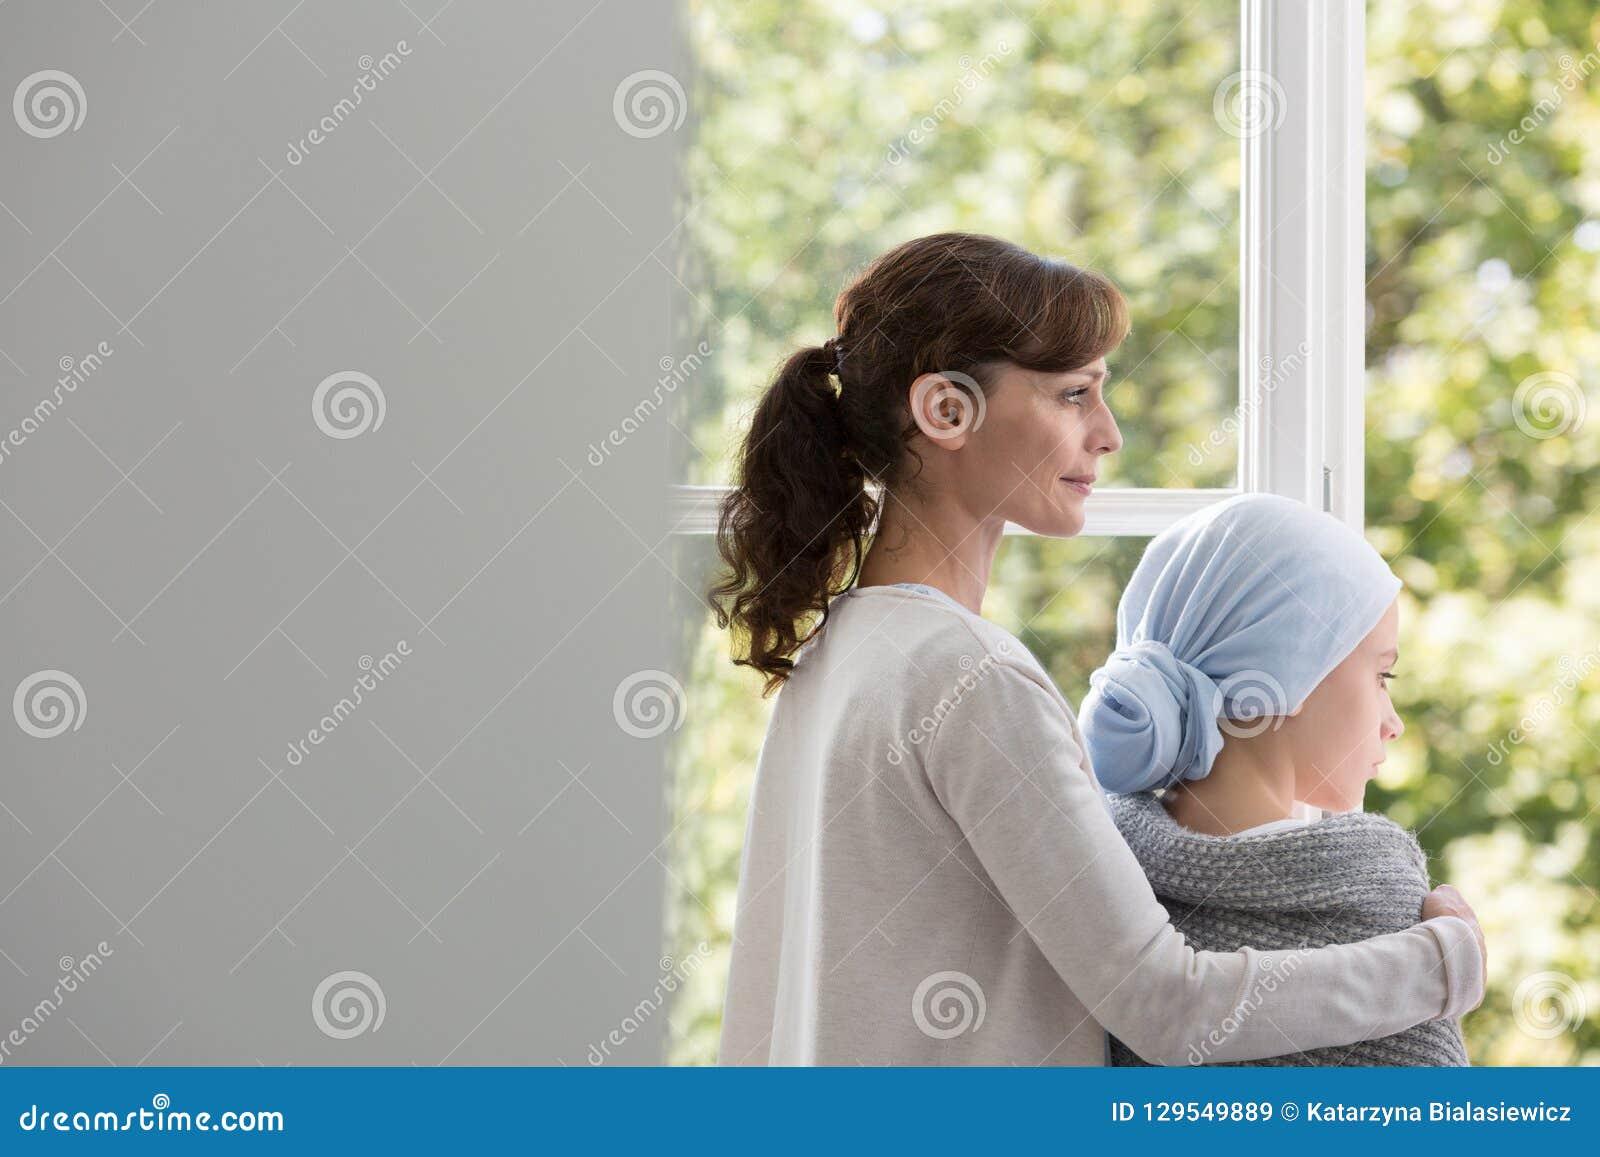 Matka i córka z nowotworem w szpitalu, patrzeje przez okno w centrum medycznym